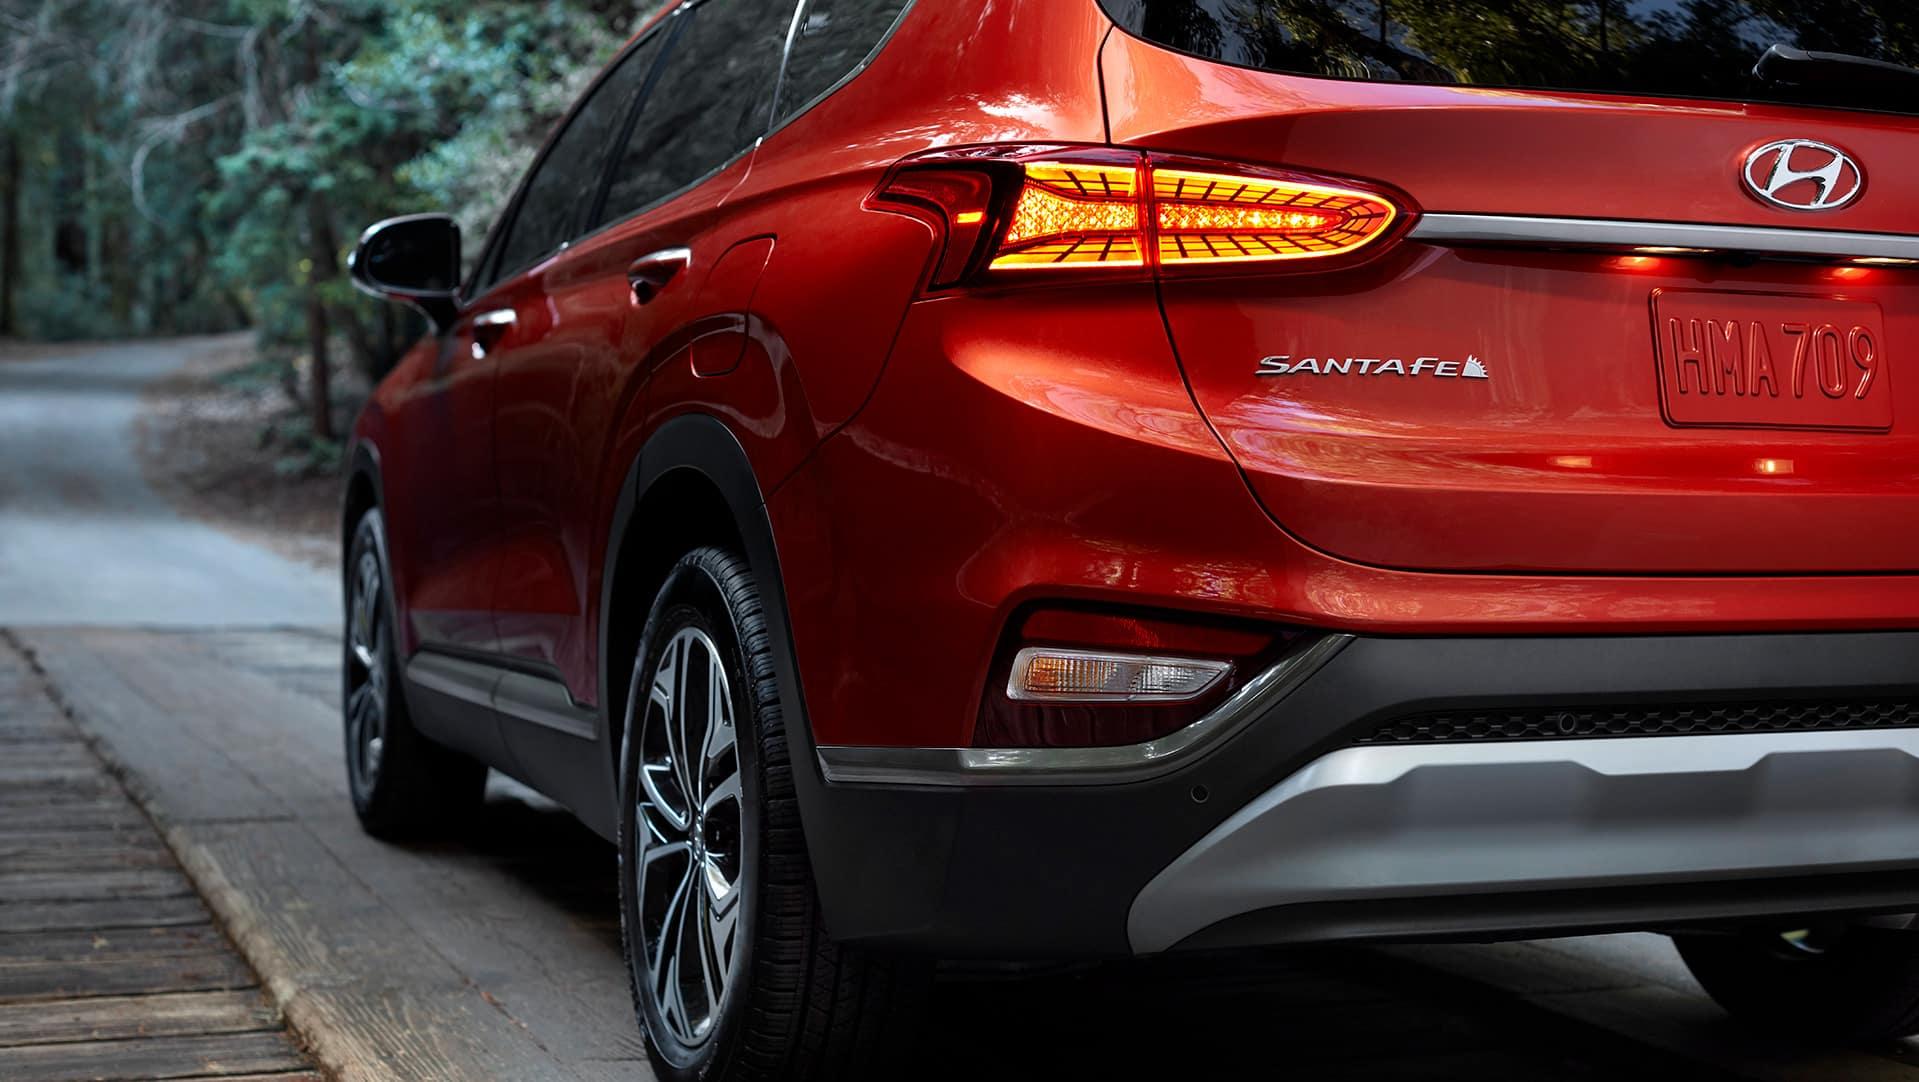 The 2020 Hyundai Santa Fe model features at Boch Hyundai of Norwood MA | Orange MY20 SantaFe Exterior Close Up Rear